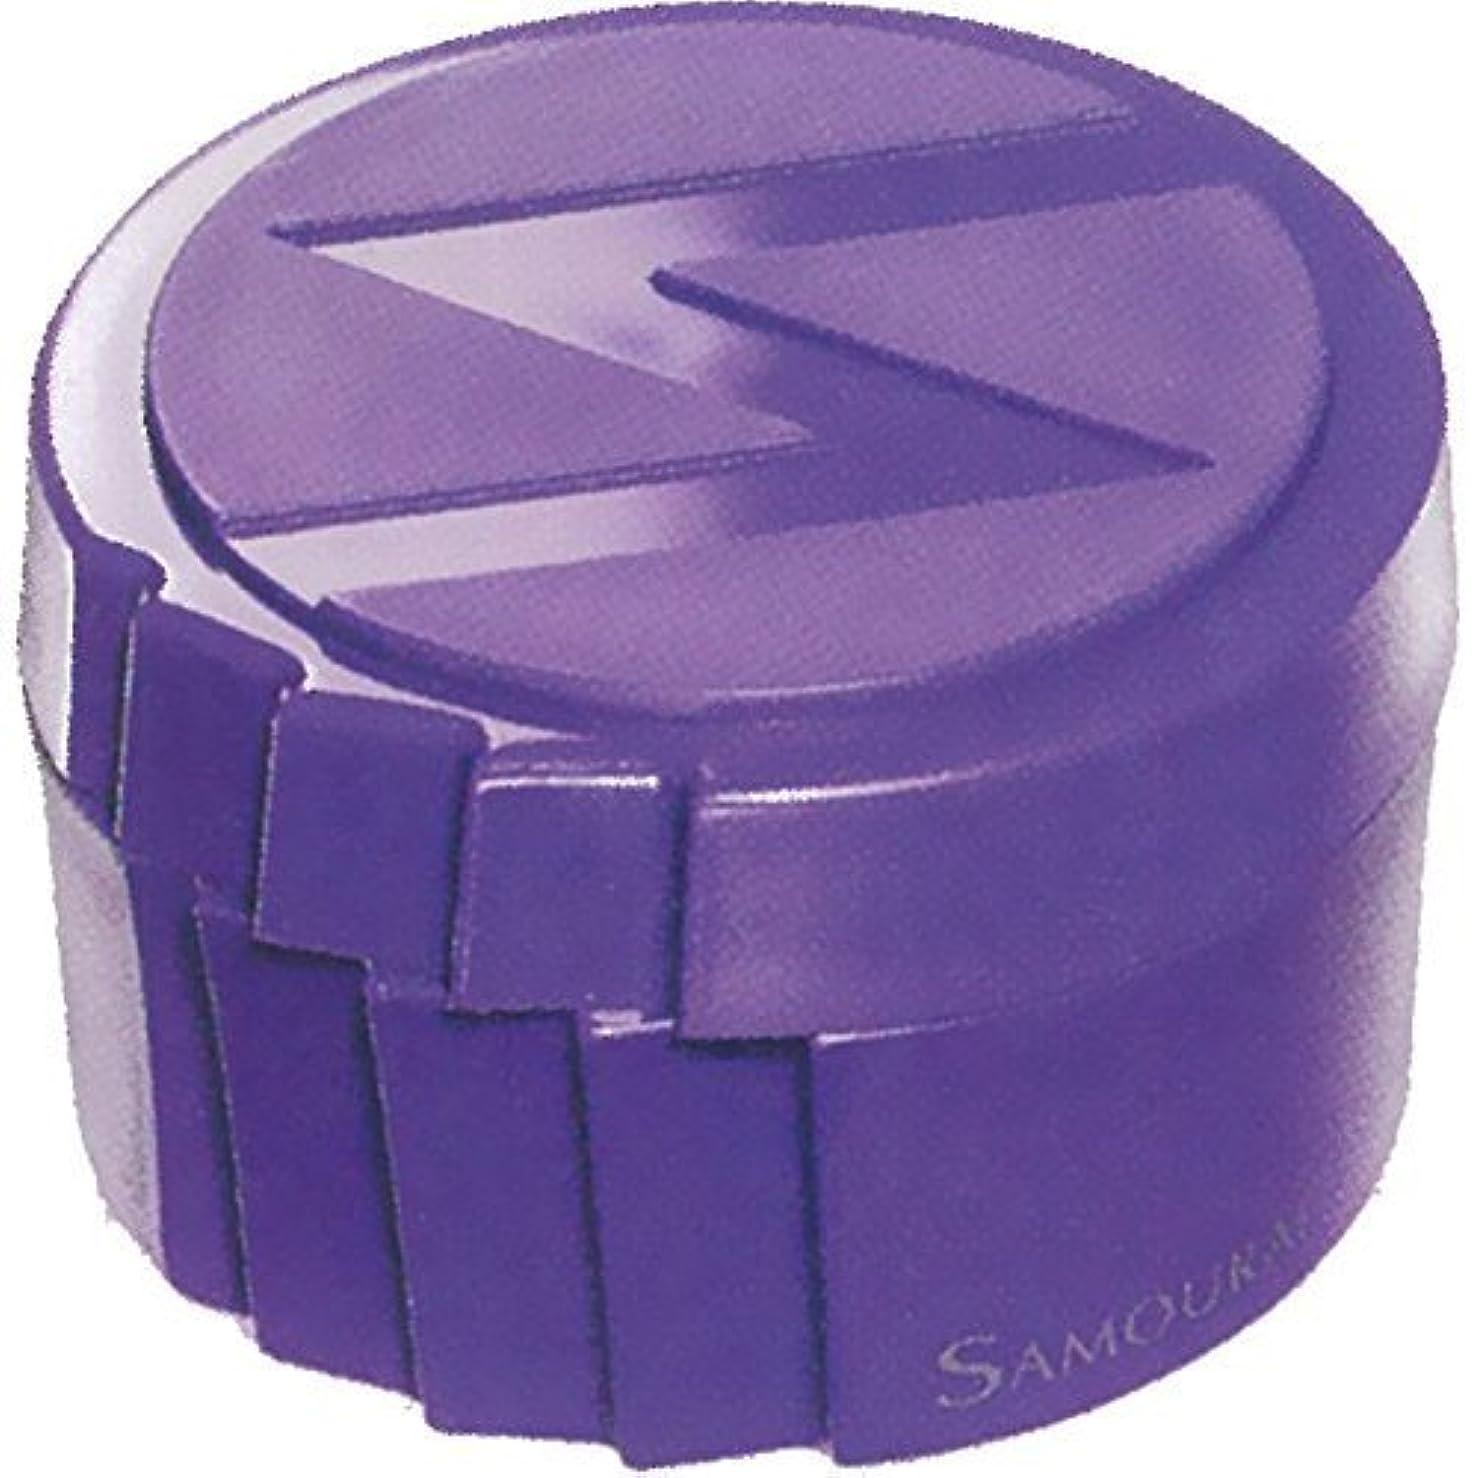 価格緩む着替えるサムライスタイル プラスター スライミー